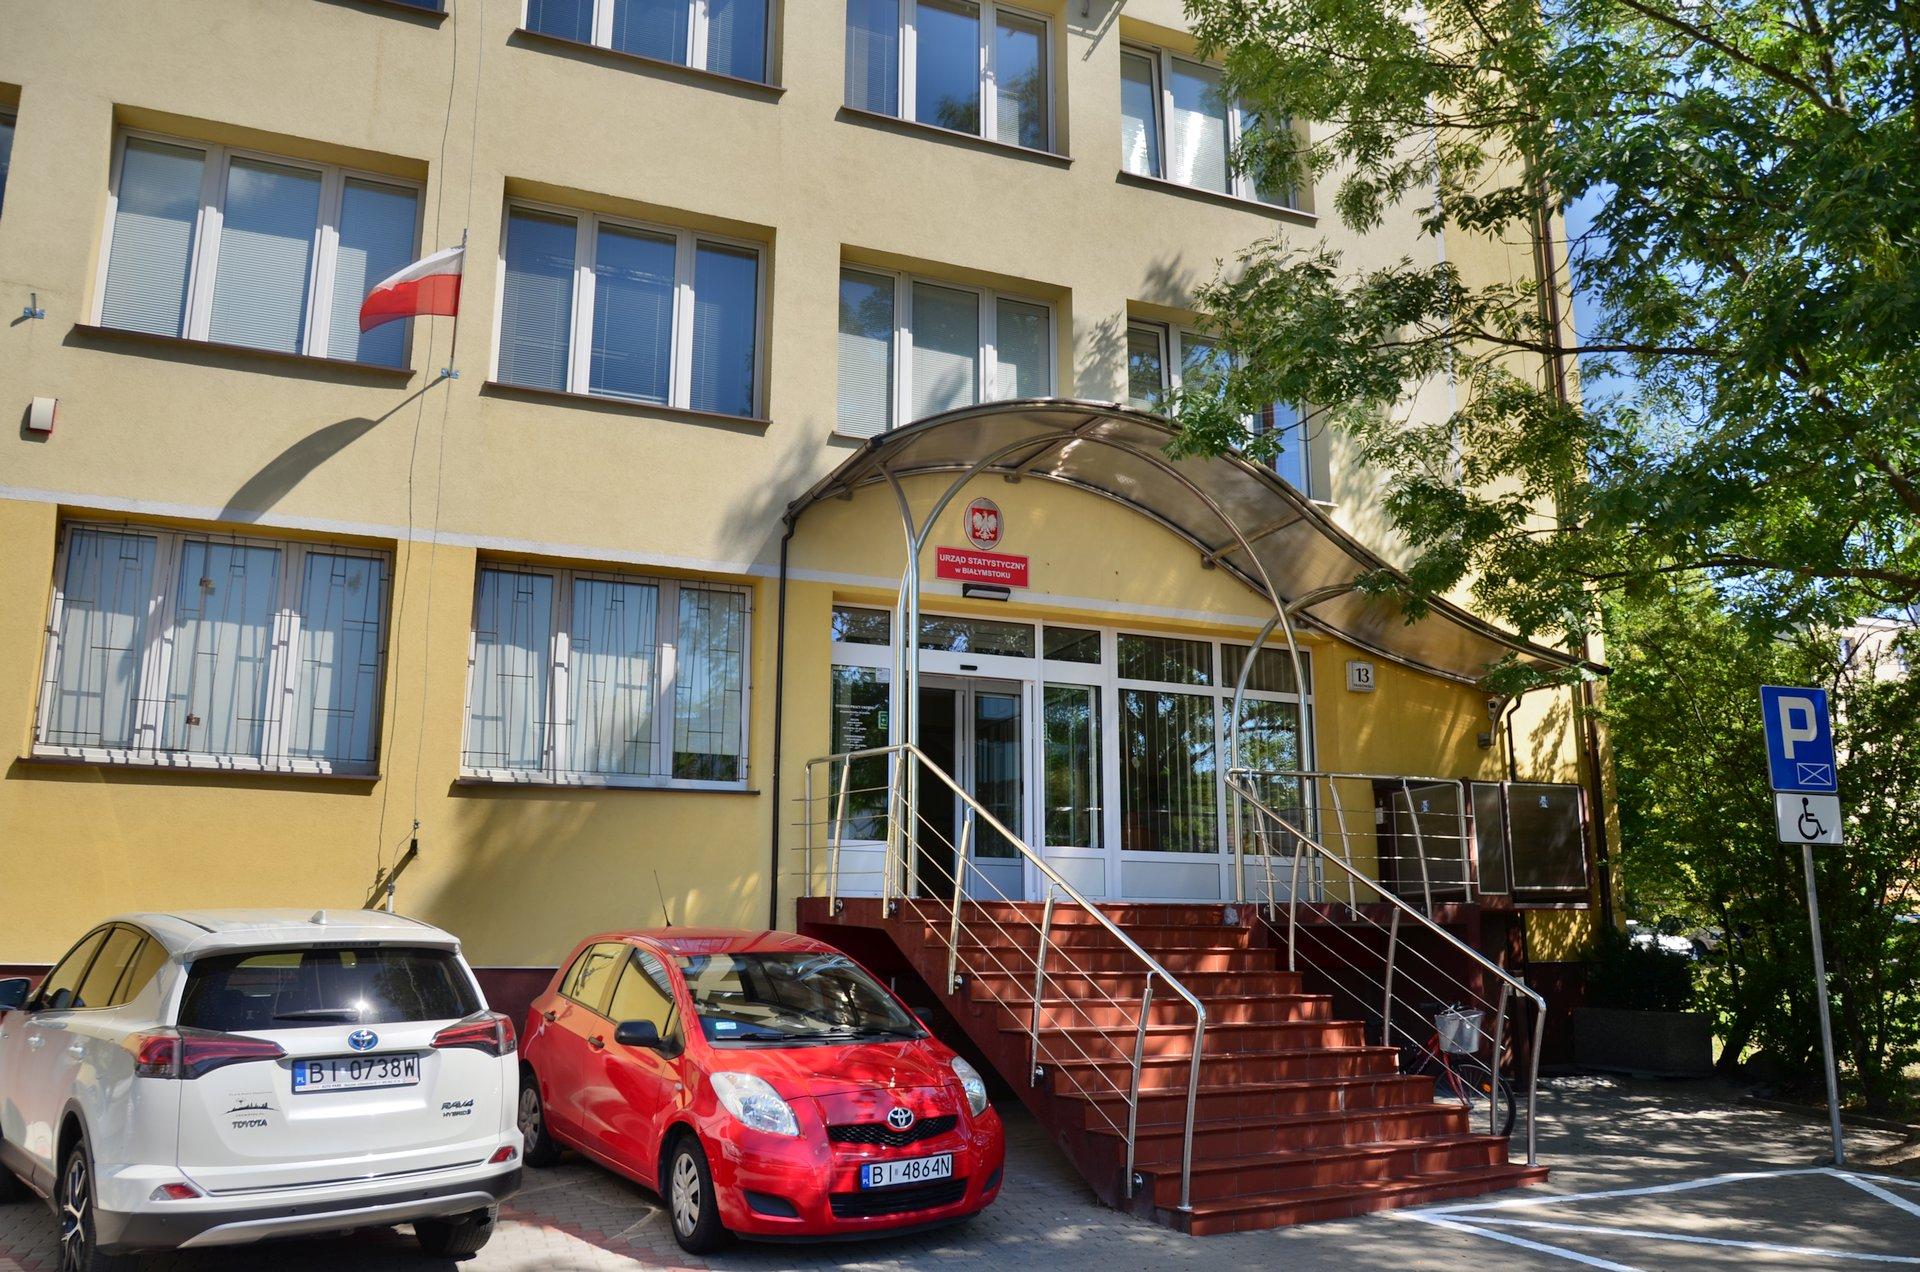 Białystok Krakowska Główny Urząd Statystyczny GUSfree photo darmowe zdjęcie